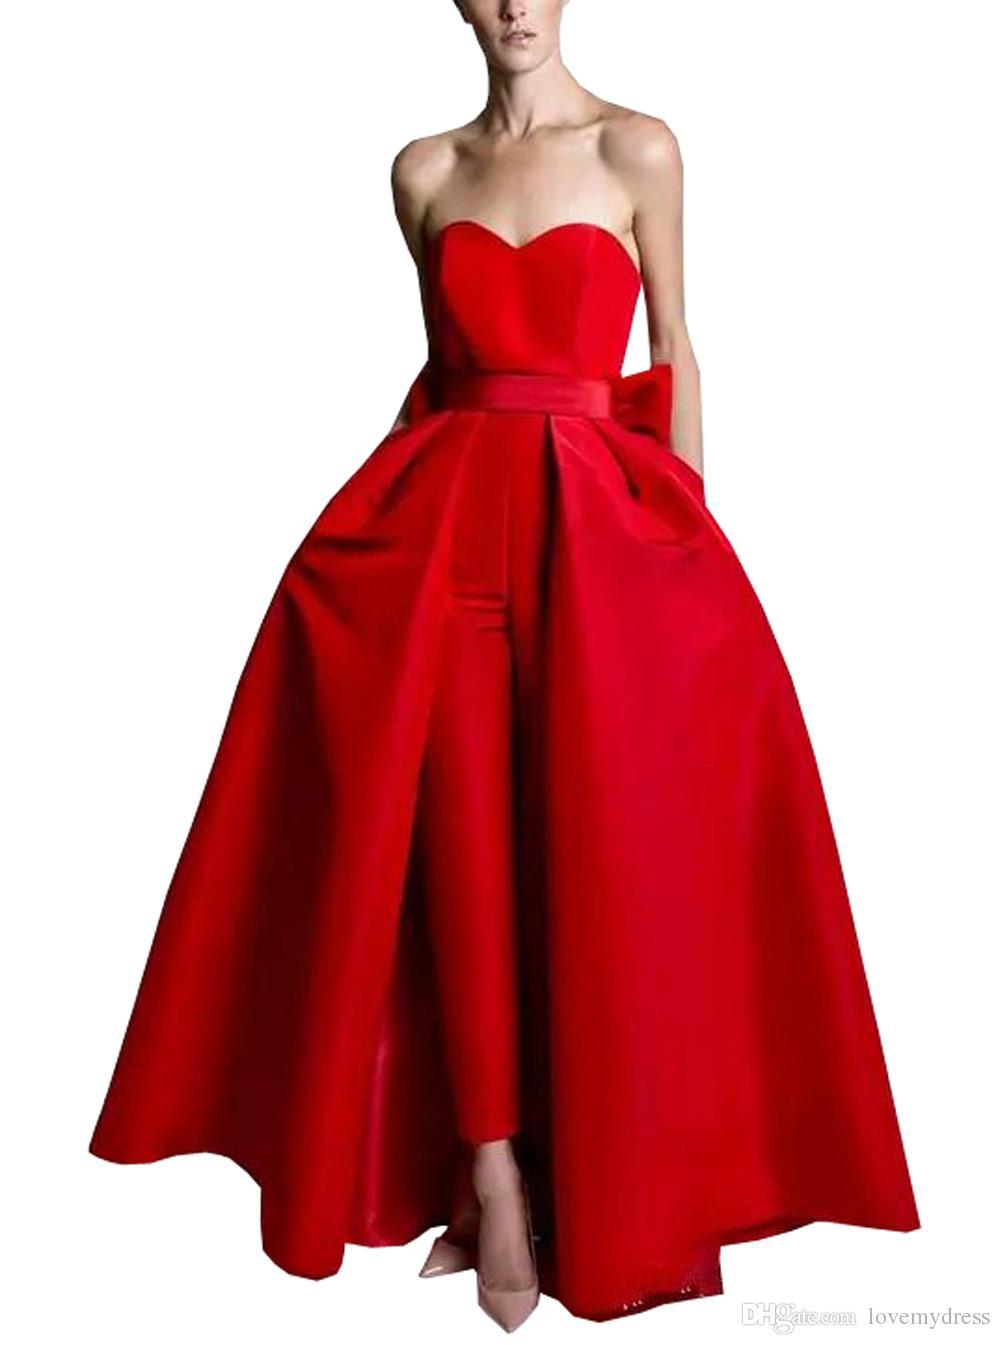 Mulheres Jumpsuit Vestidos de Noite Plus Size 2021 Catin Bow Strapless Skirt Destacável Pantsuit Vestido Prom Vestidos formais abertos de volta